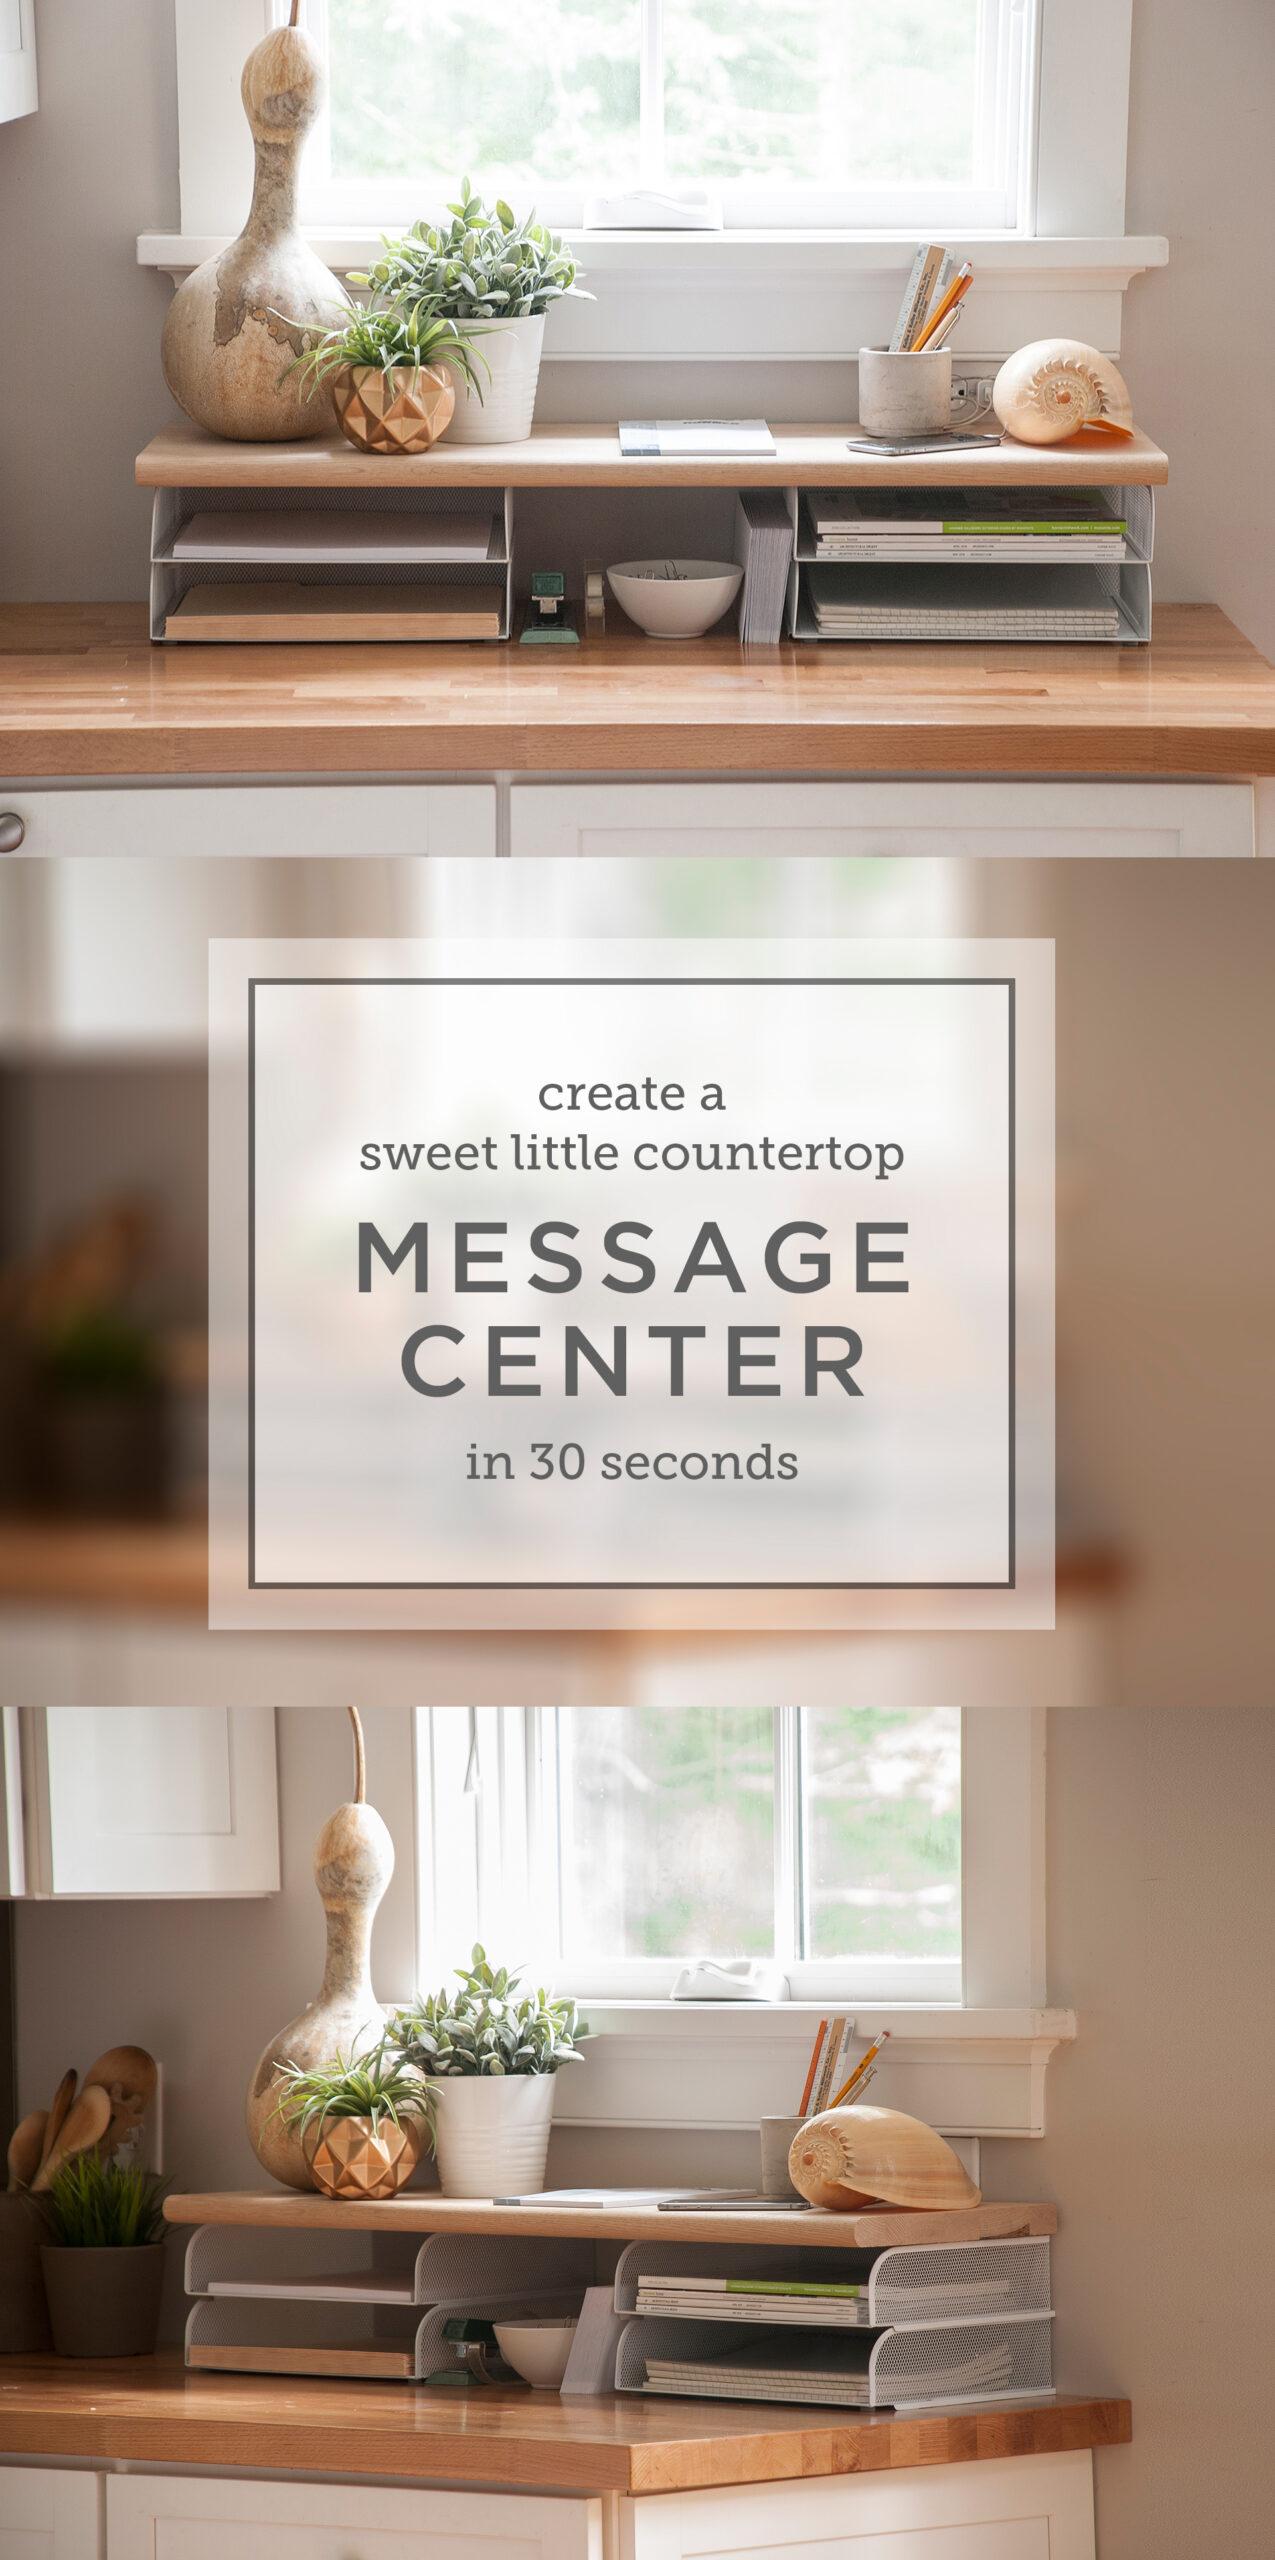 Photos of message center